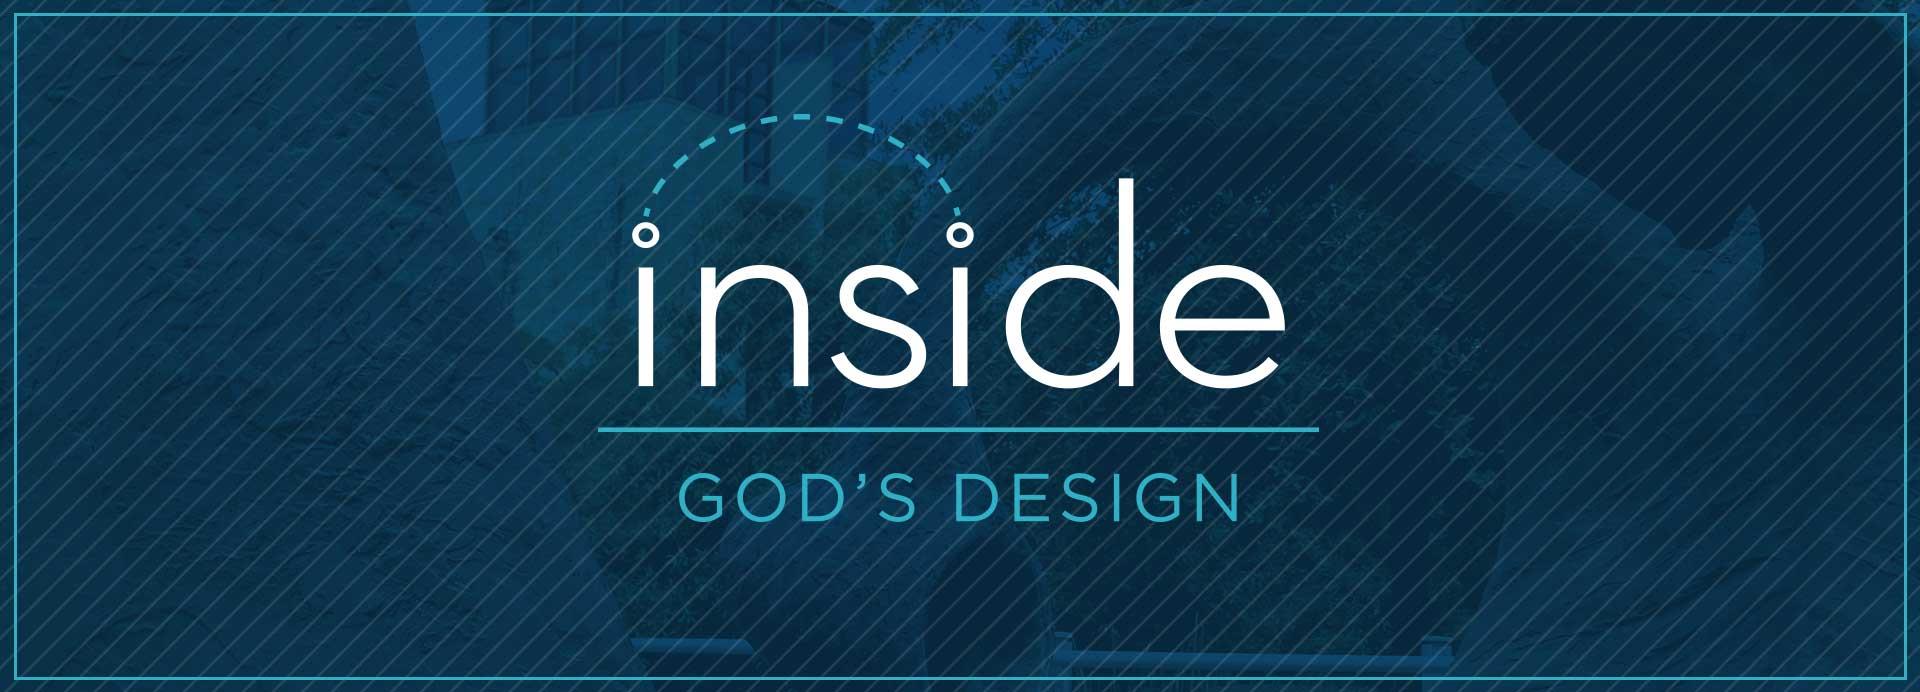 Inside-God's-Design_1920x692.jpg